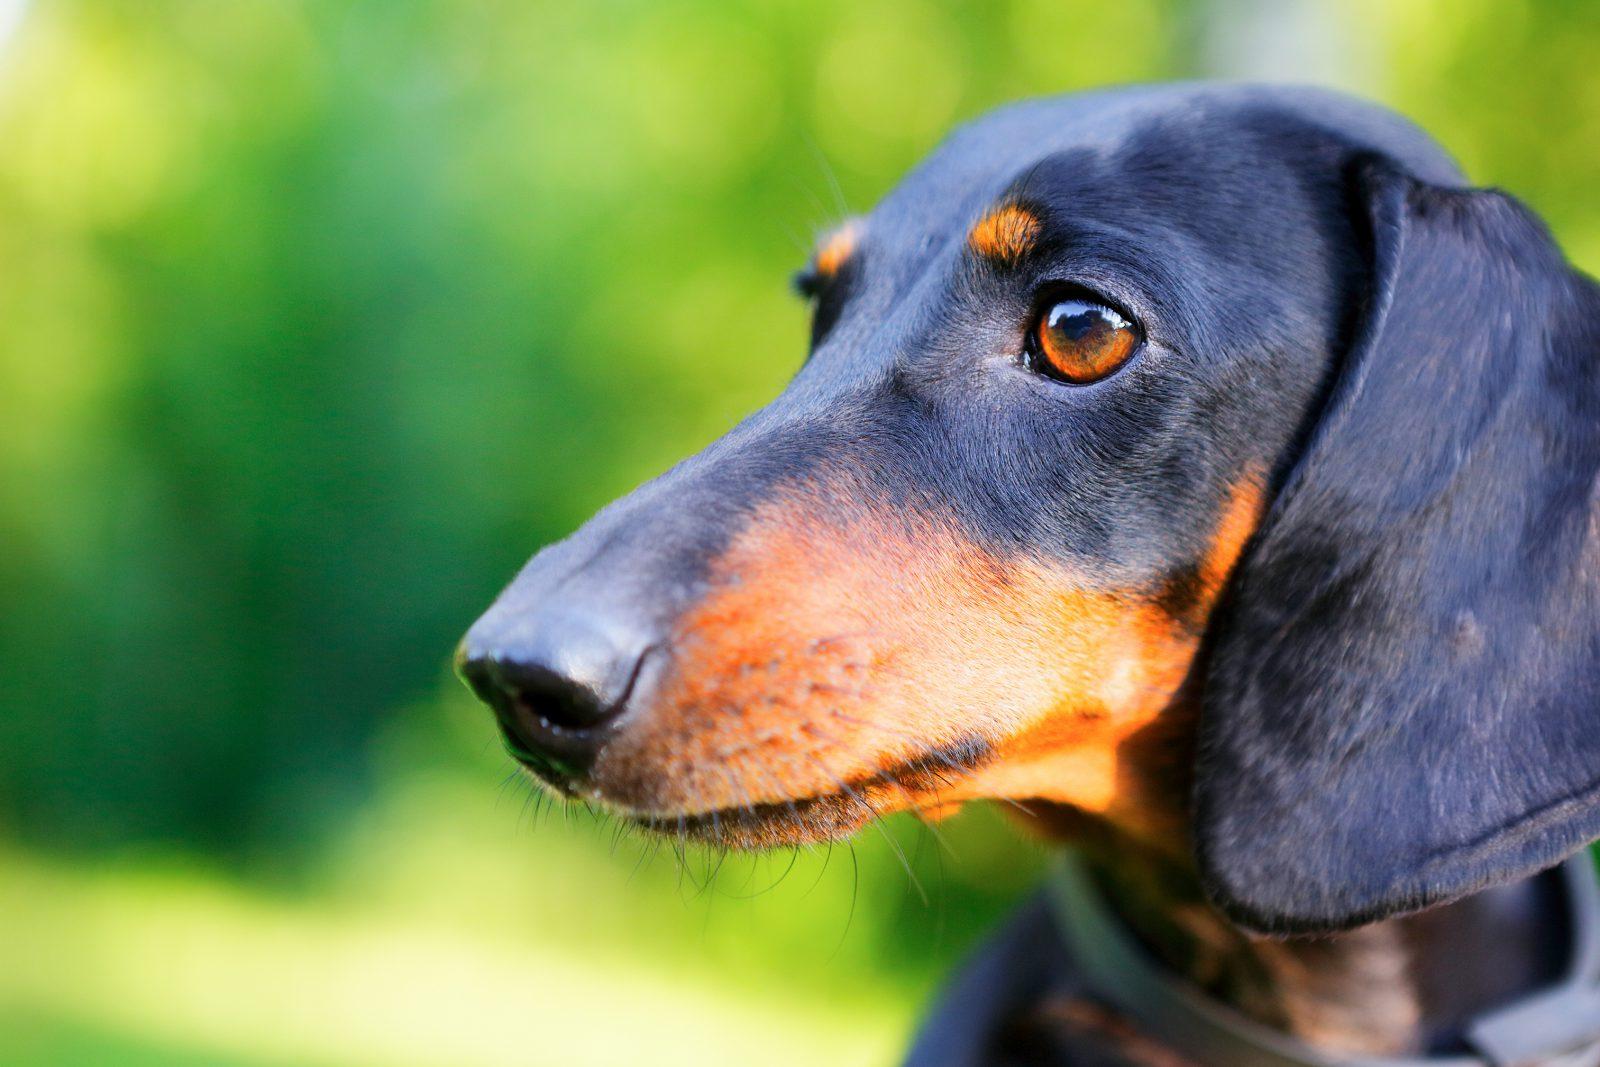 Cachorro latindo: Dachshund preto e castanho com seu perfil peculiar e focinho longo.